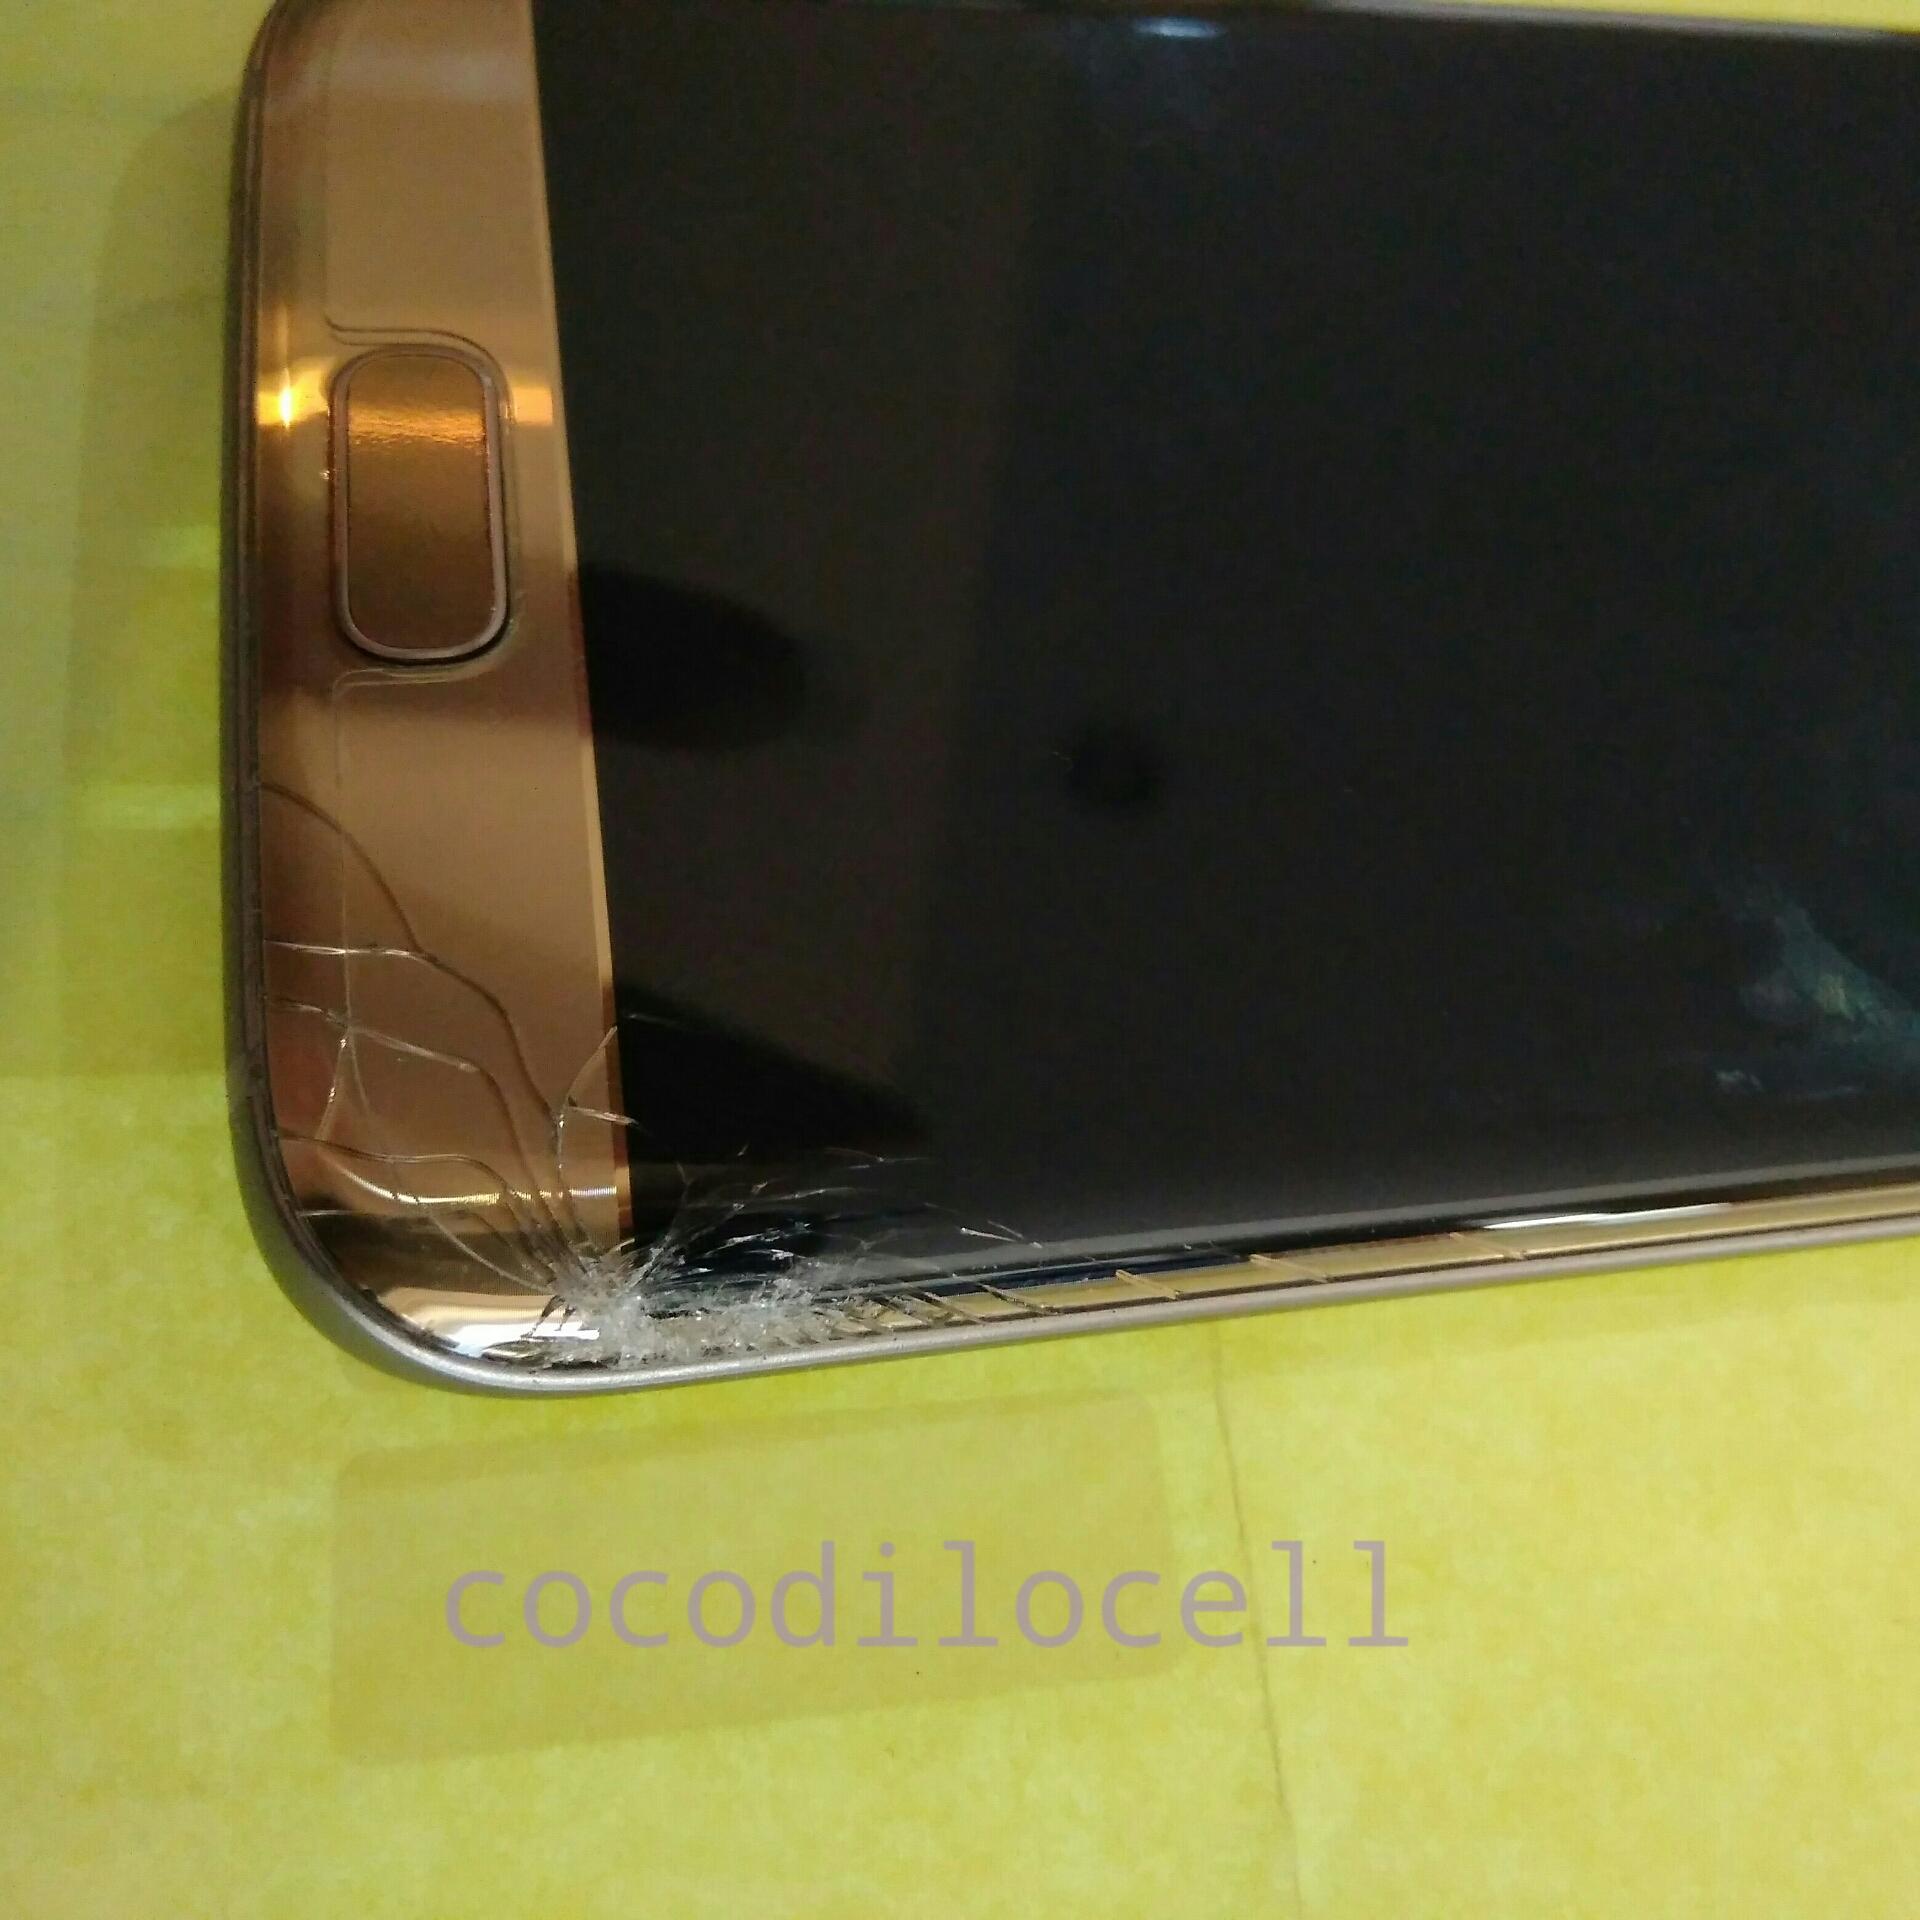 Ganti Lcd Samsung S7 Edge Gold Retak Dibagian Touchscreen Original Dan User Pun Setuju Untuk Melakukan Pergantian Baru Seperti Biasa Proses Dilakukan Dengan Membuka Backcase Terlebih Dahulu Dikarenakan